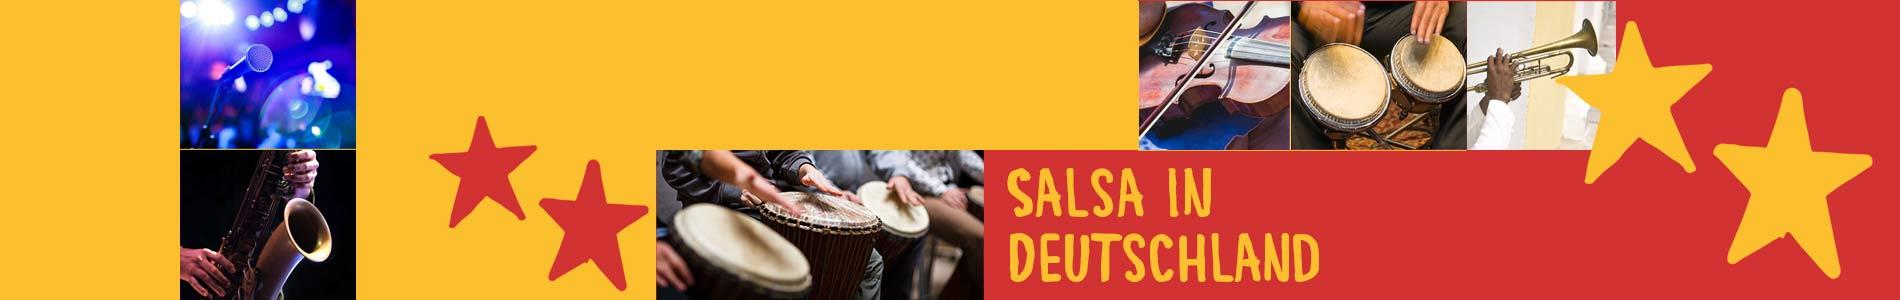 Salsa in Brandshagen – Salsa lernen und tanzen, Tanzkurse, Partys, Veranstaltungen